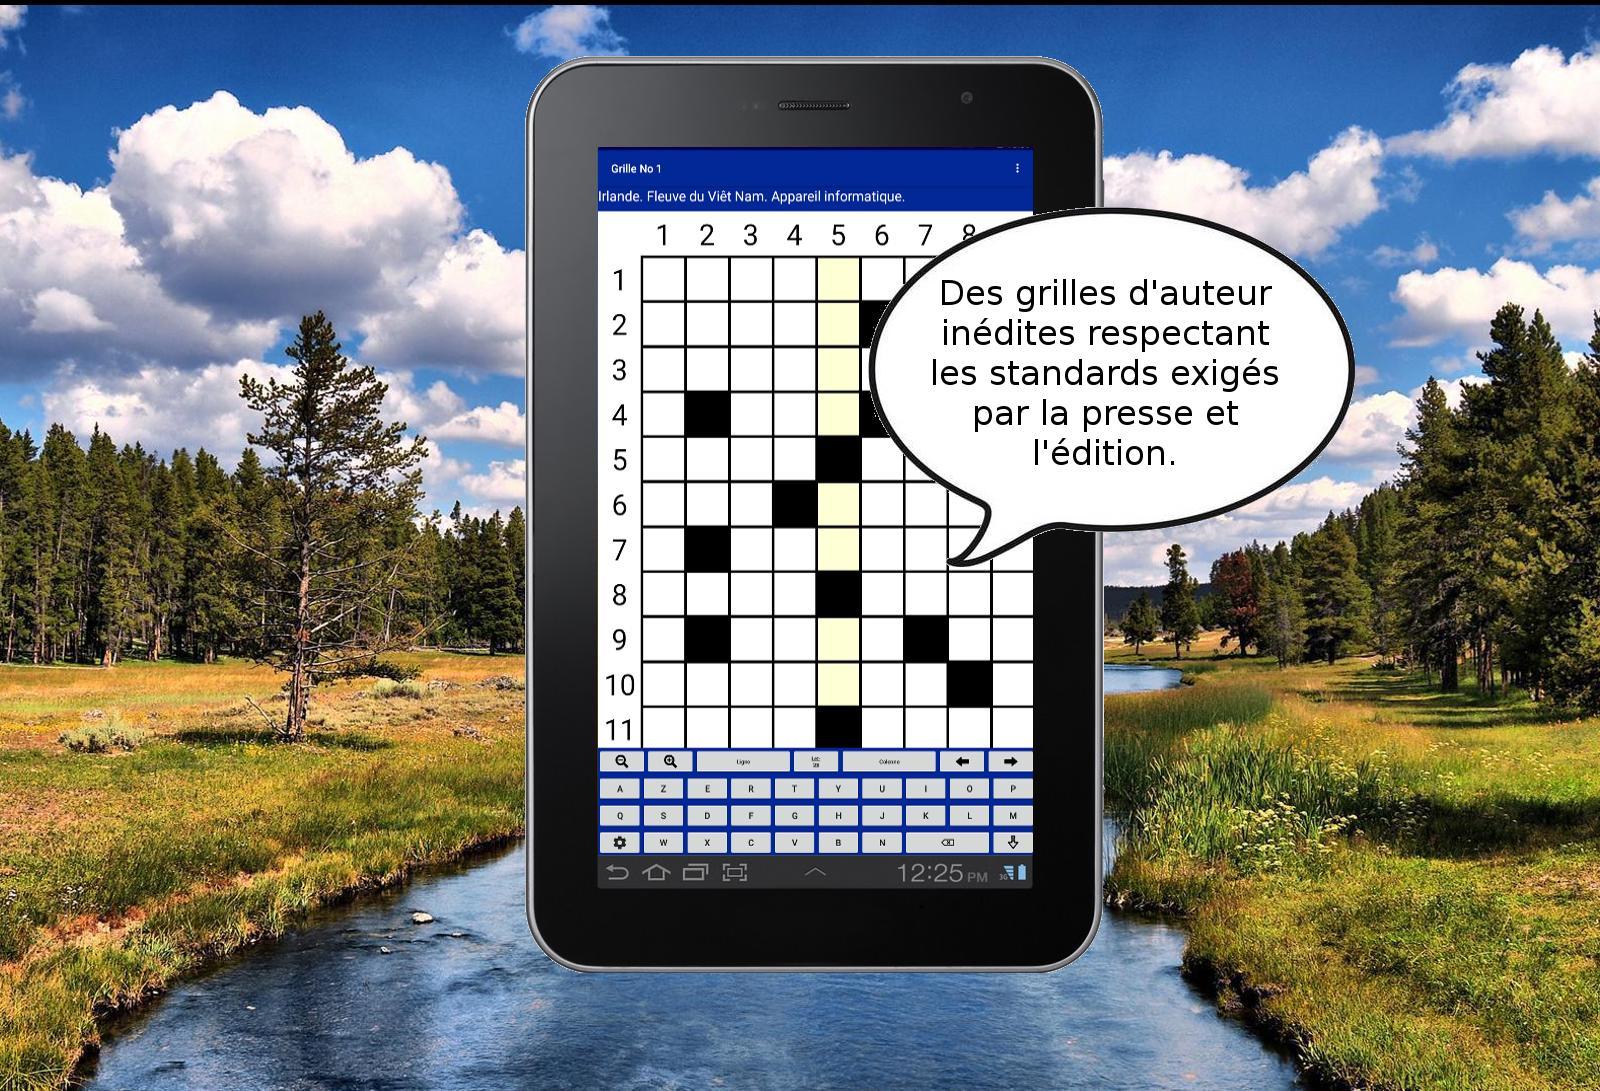 Android Için Mots Croisés Gratuits 2 - Jeu De Lettres. - Apk serapportantà Les Mots Croisés Gratuits